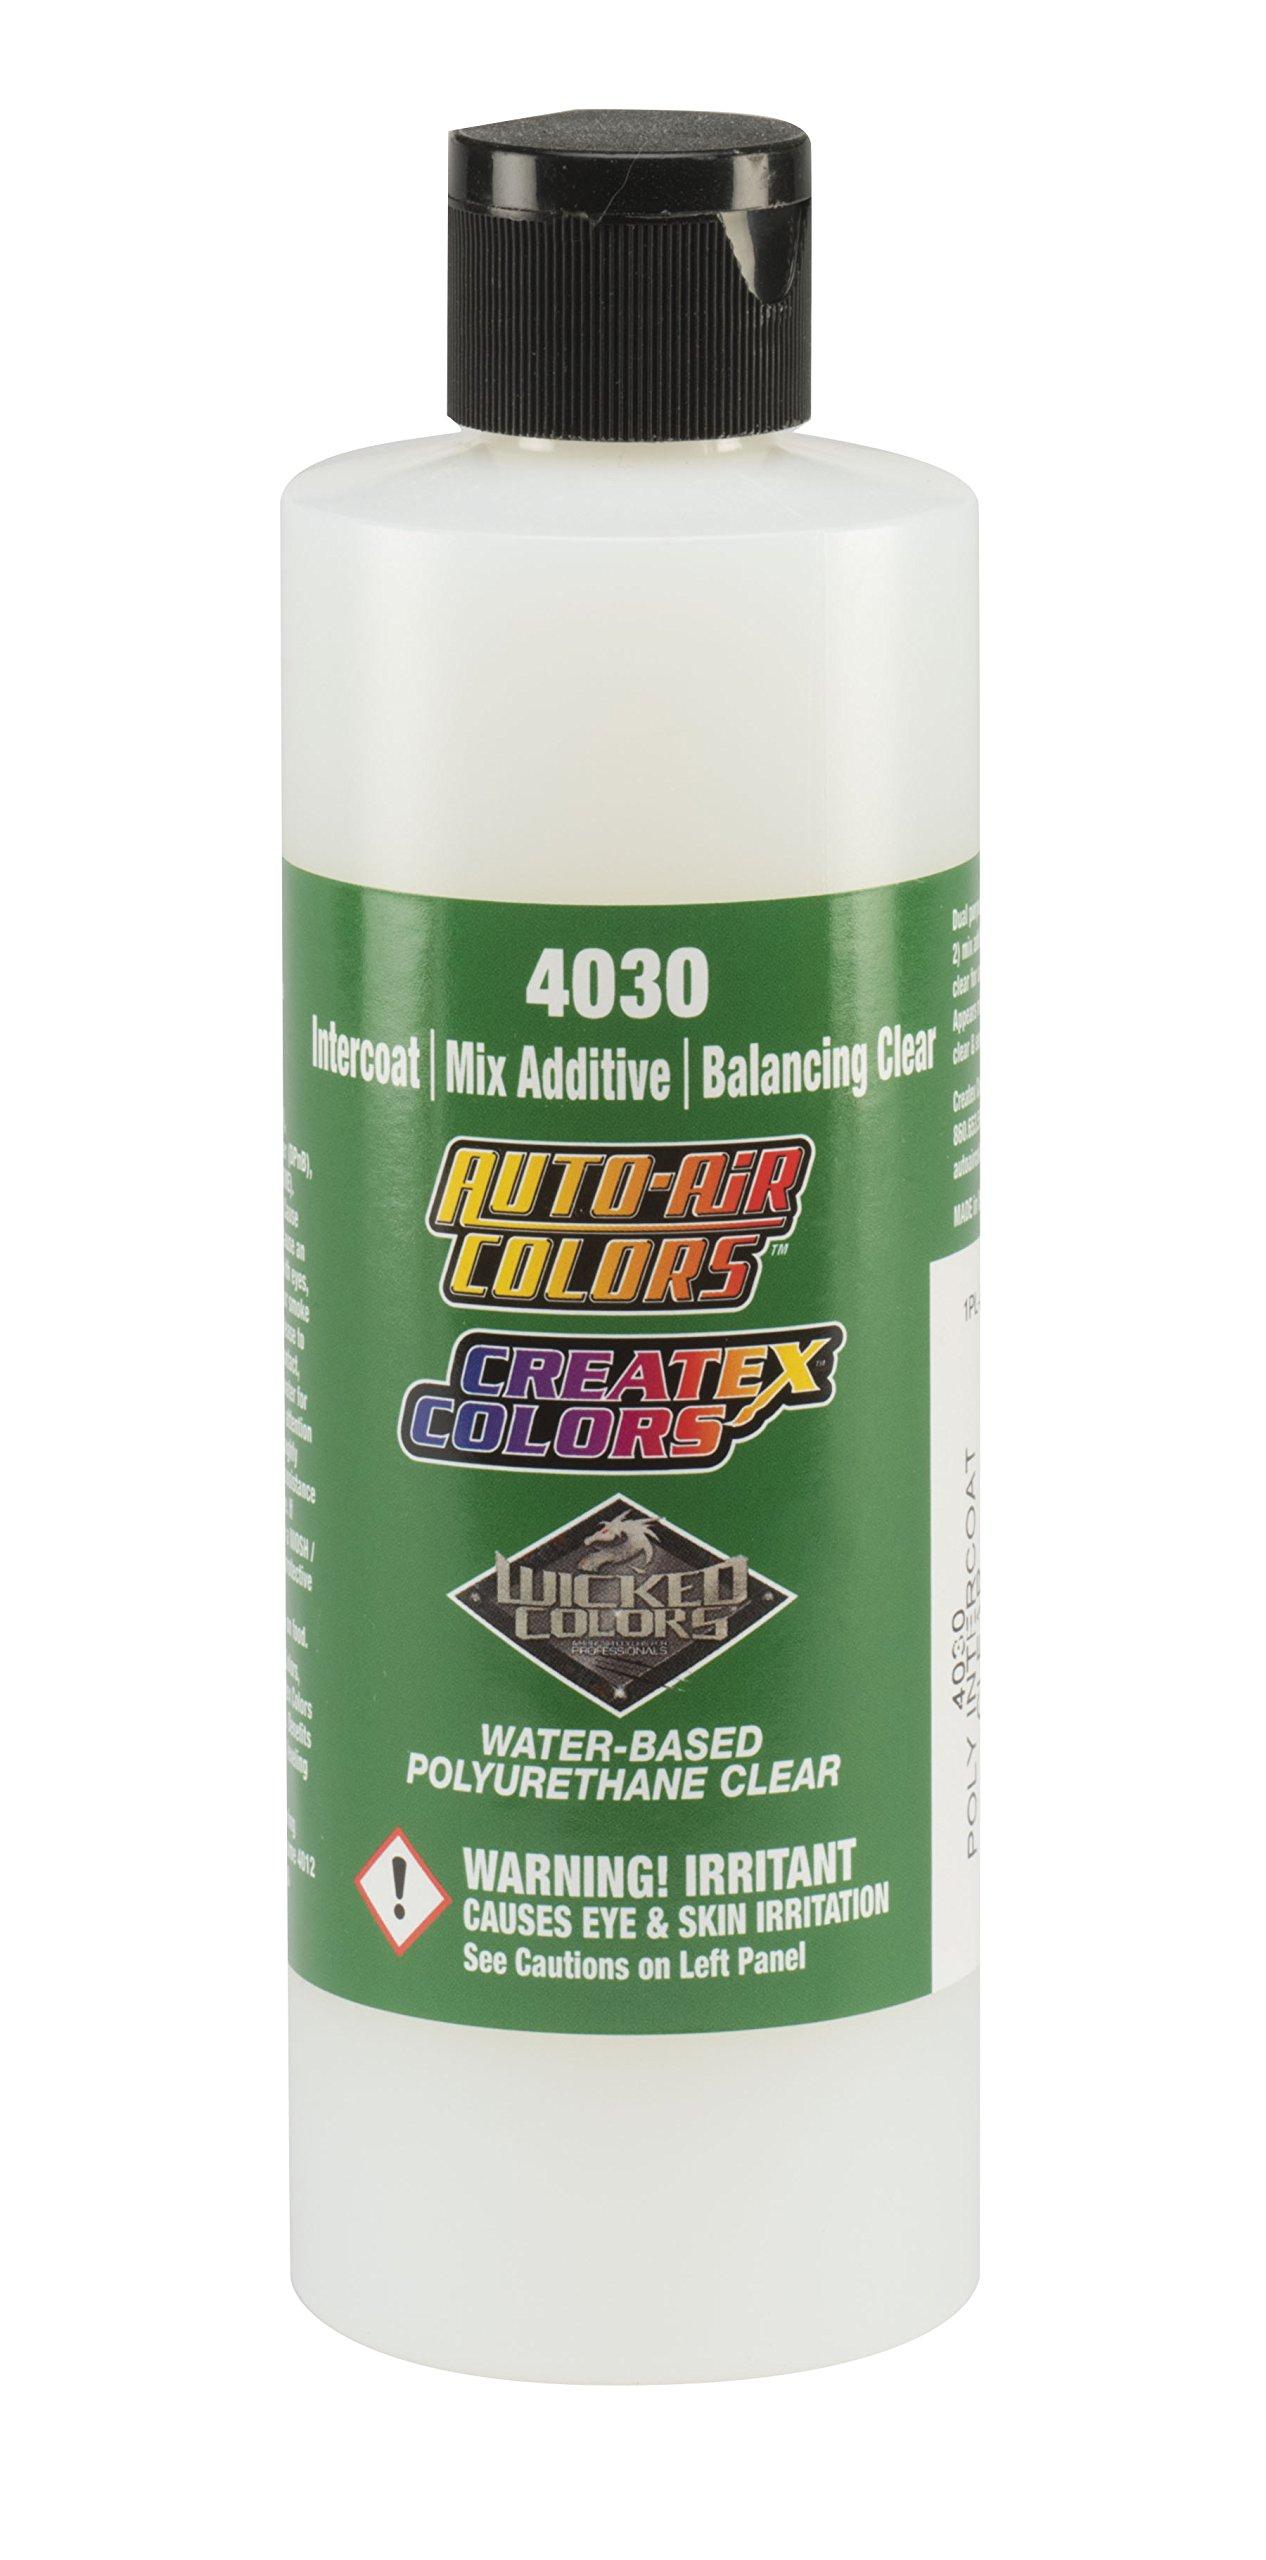 Createx Colors 4030 Intercoat & Mix Additive 8oz. Size